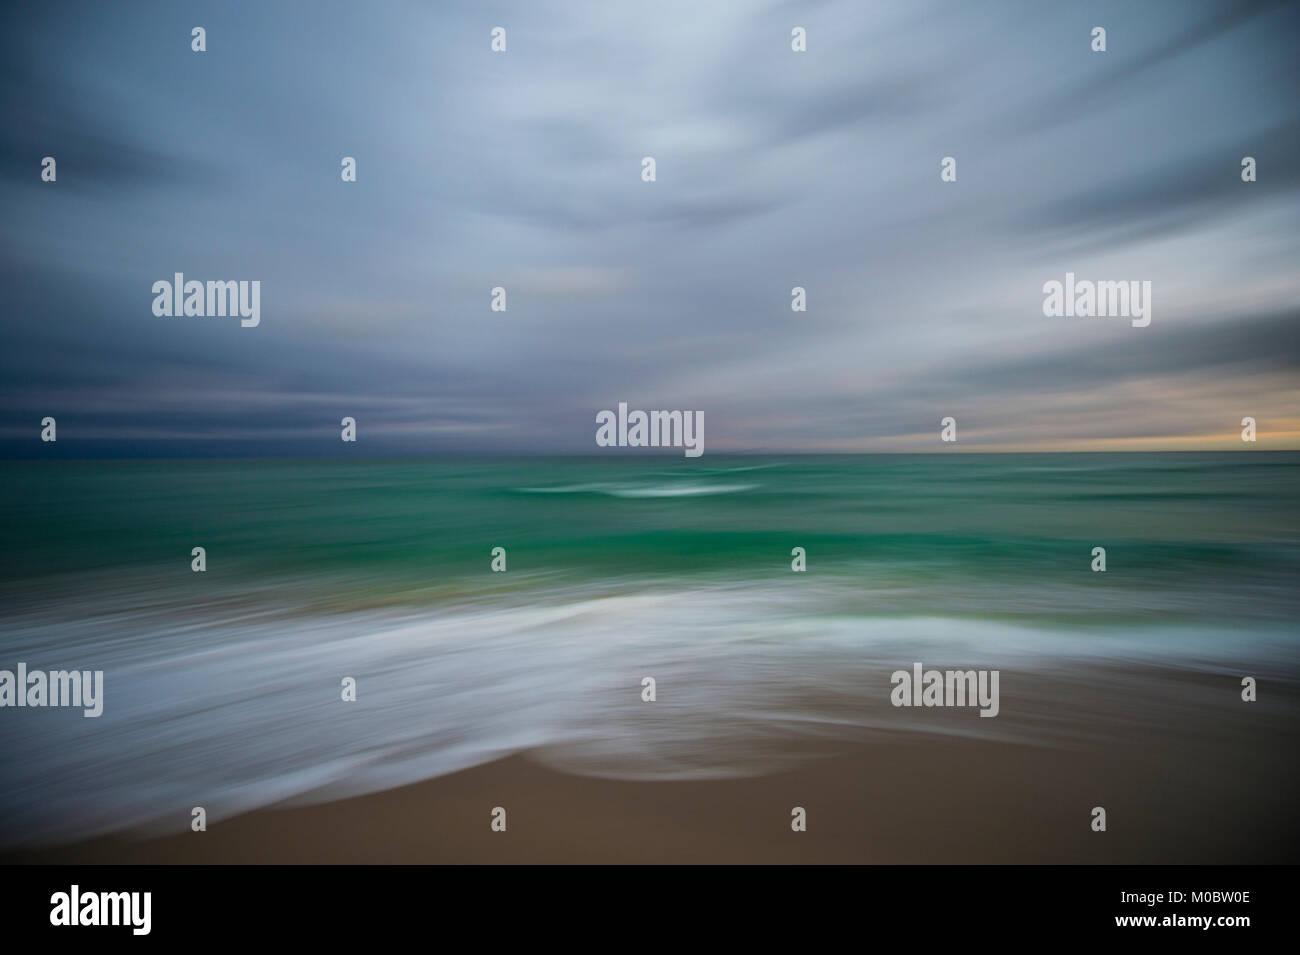 Flou artistique en arrière-plan abstrait flou de mouvement de vagues se brisant sur une plage tropicale avec Photo Stock